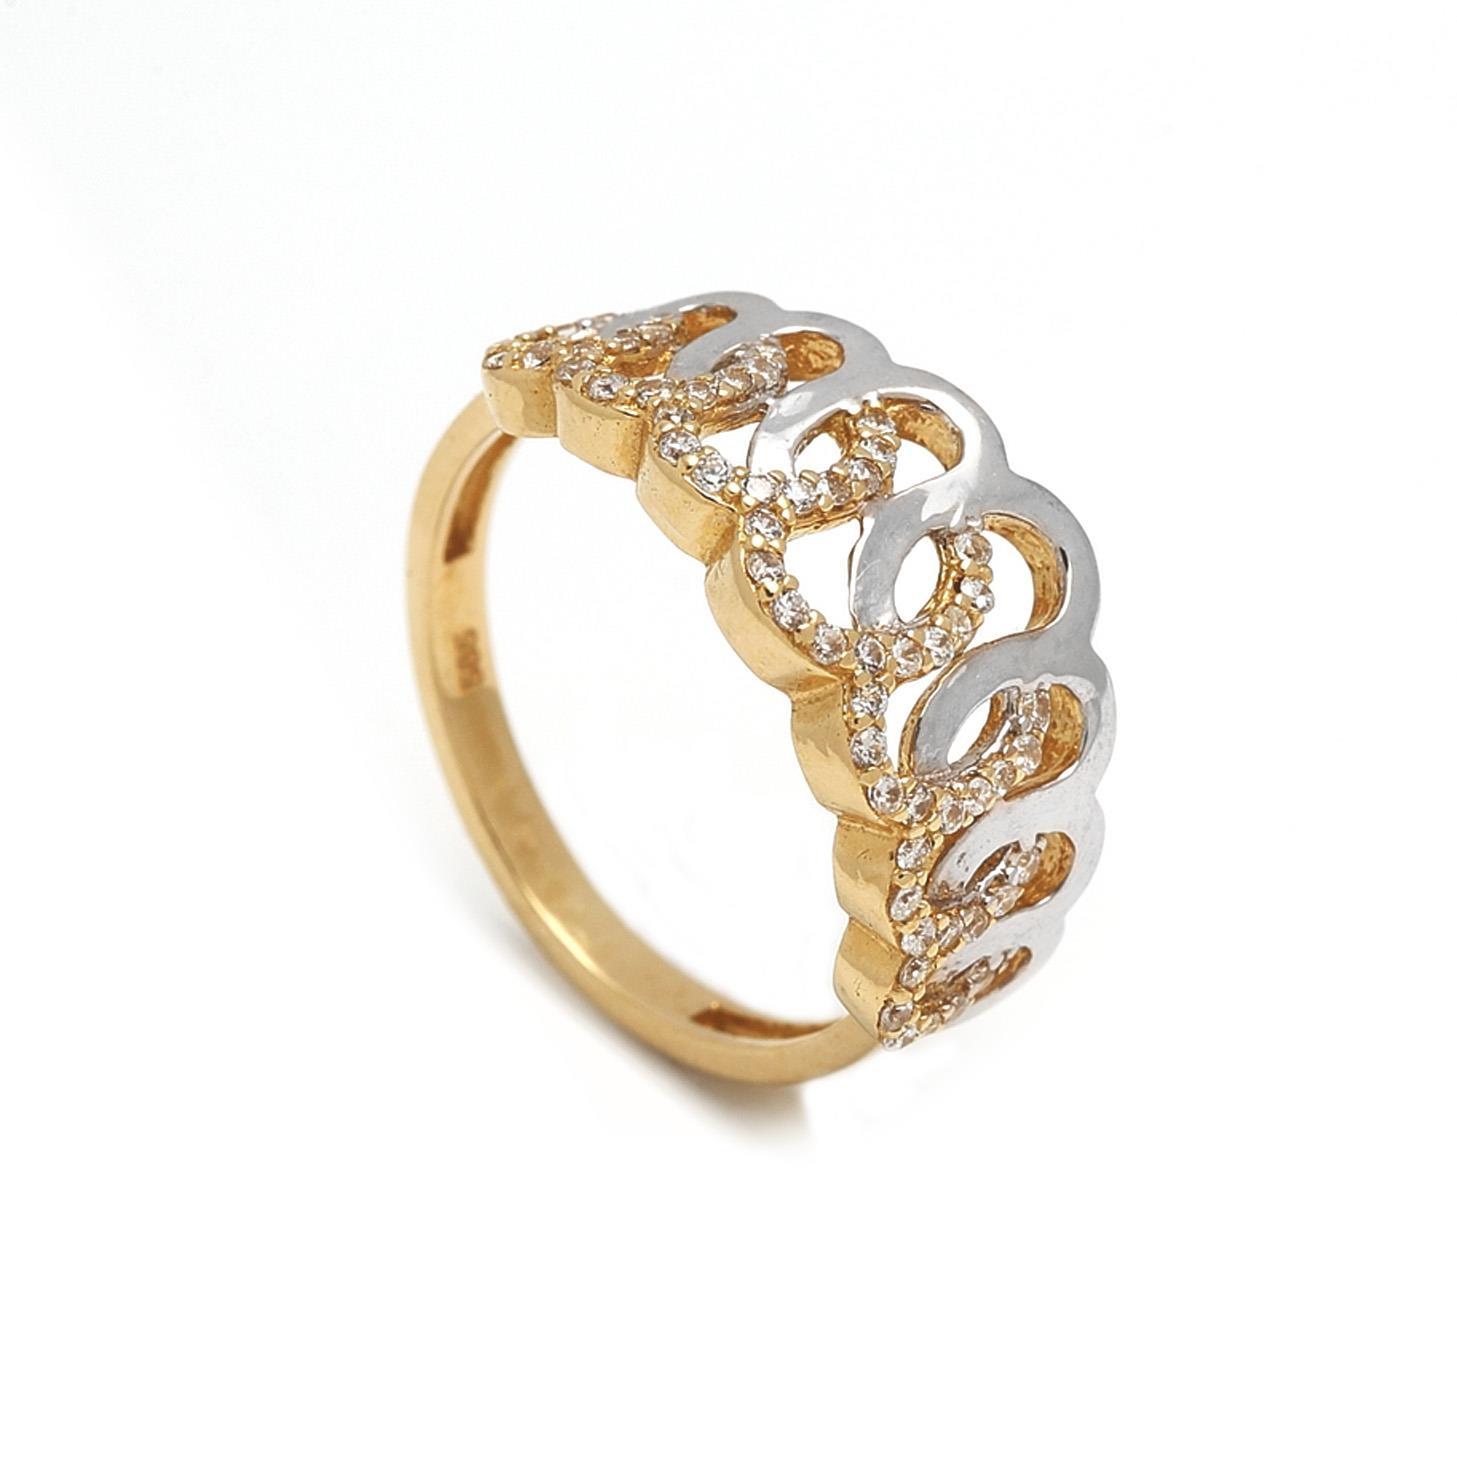 Zlatý dámsky prsteň GIACHETTA 1PK00064